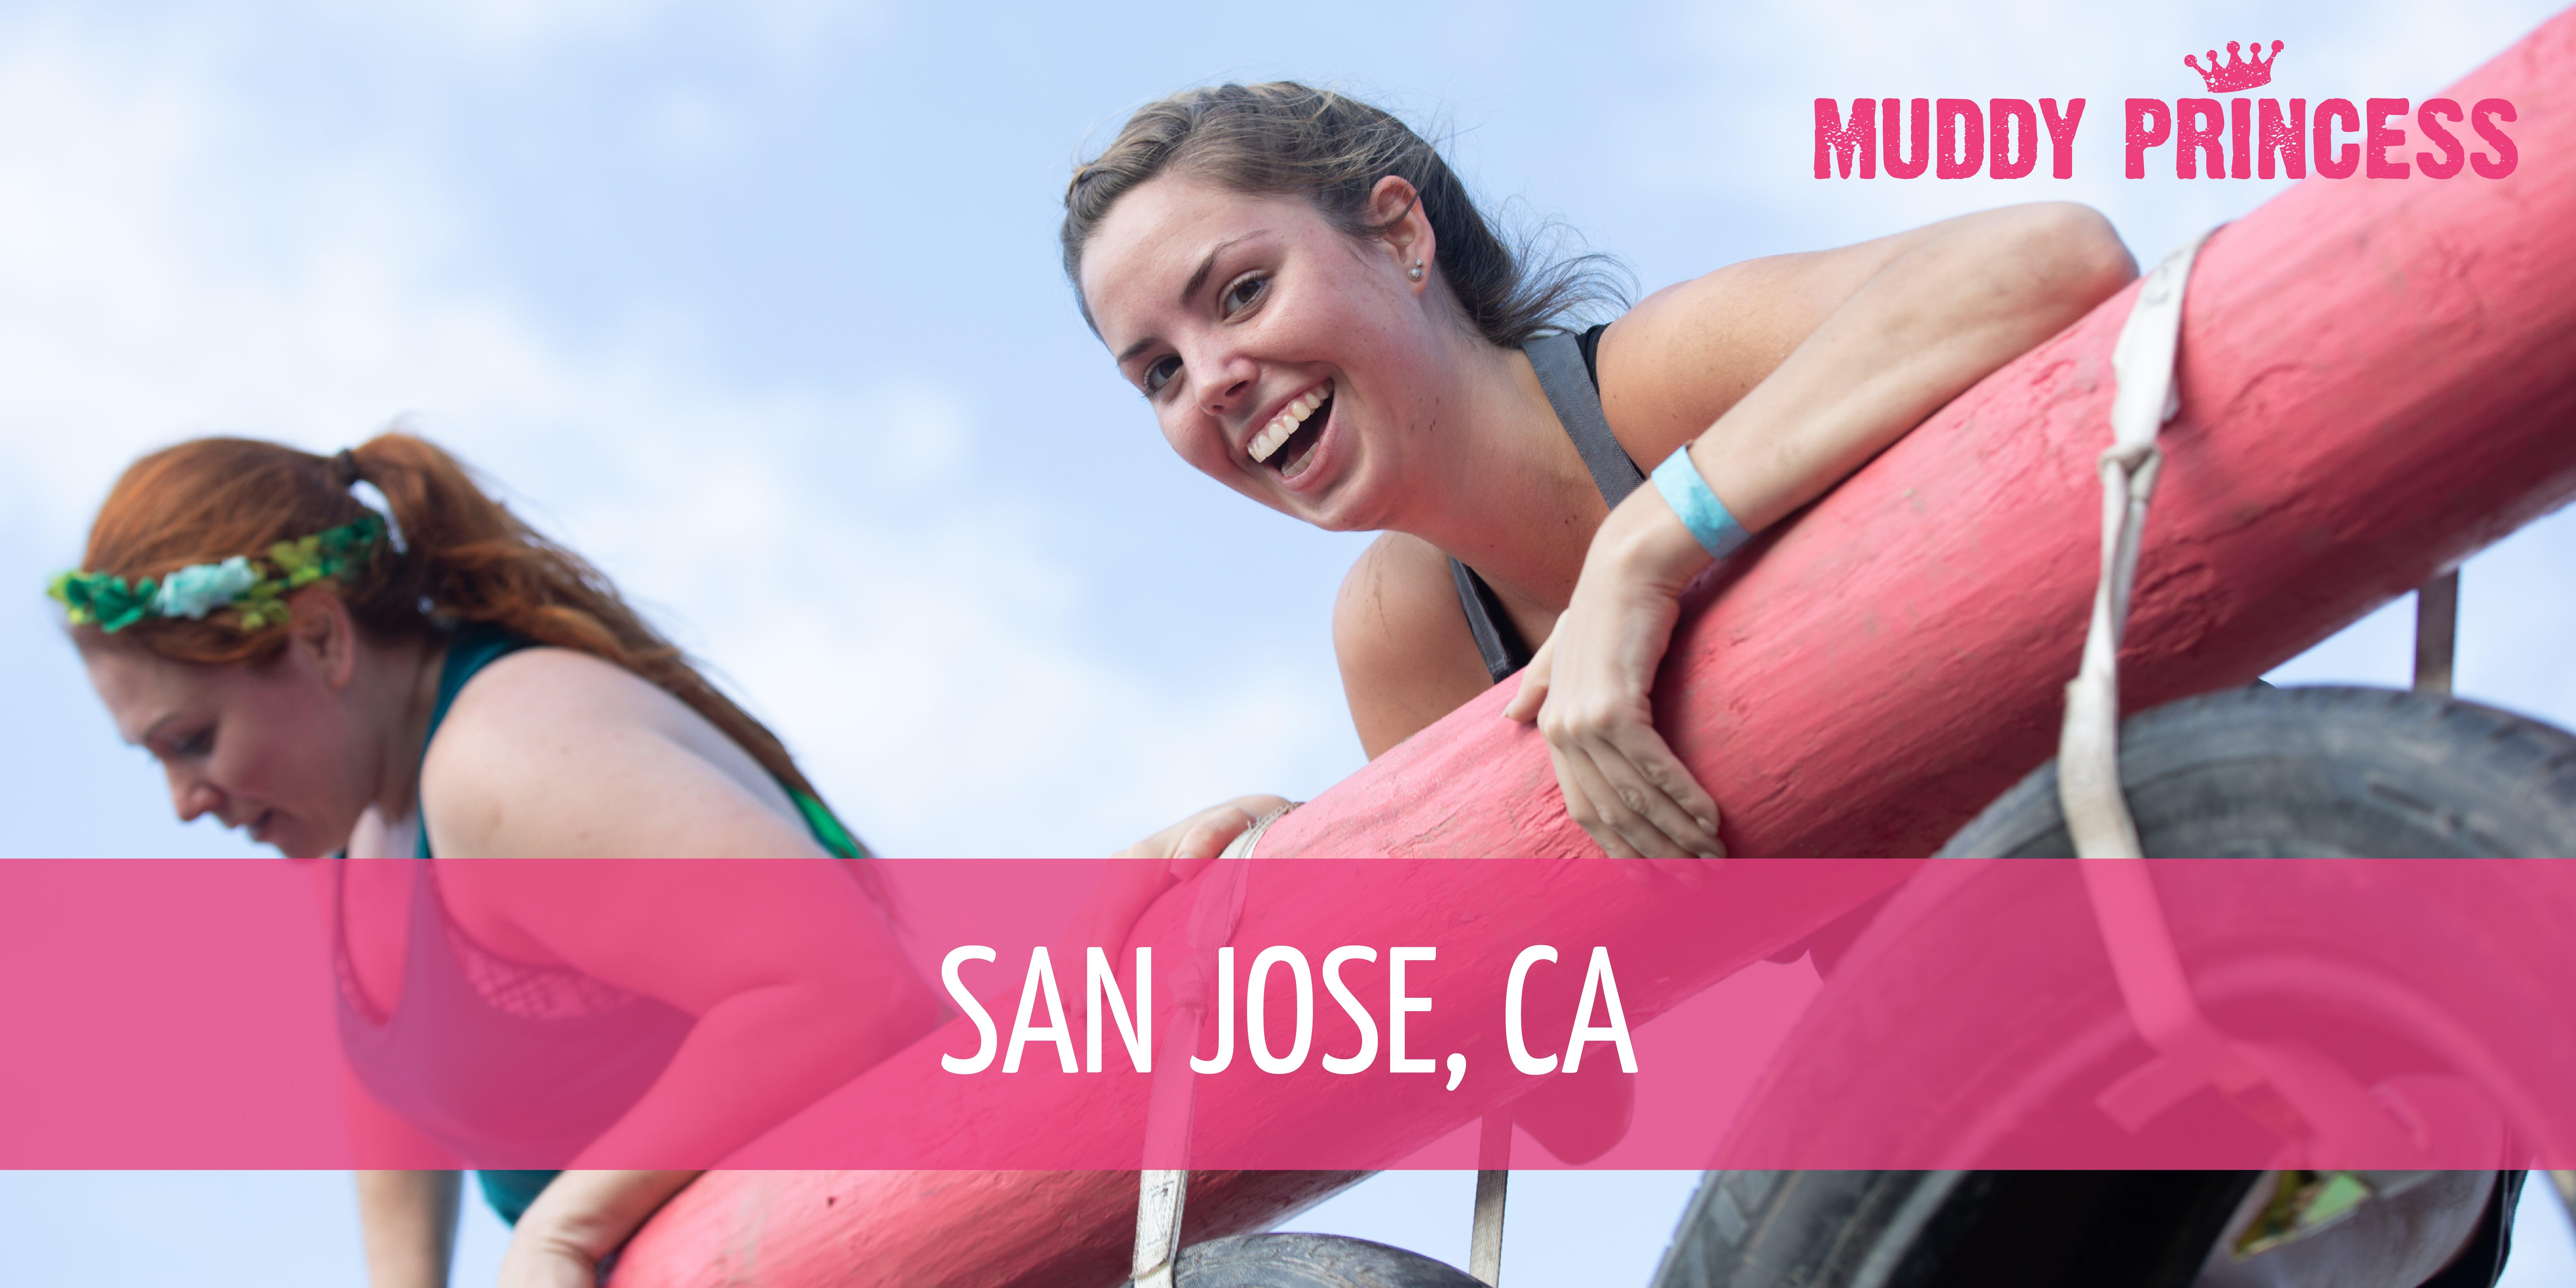 Muddy Princess San Jose, CA